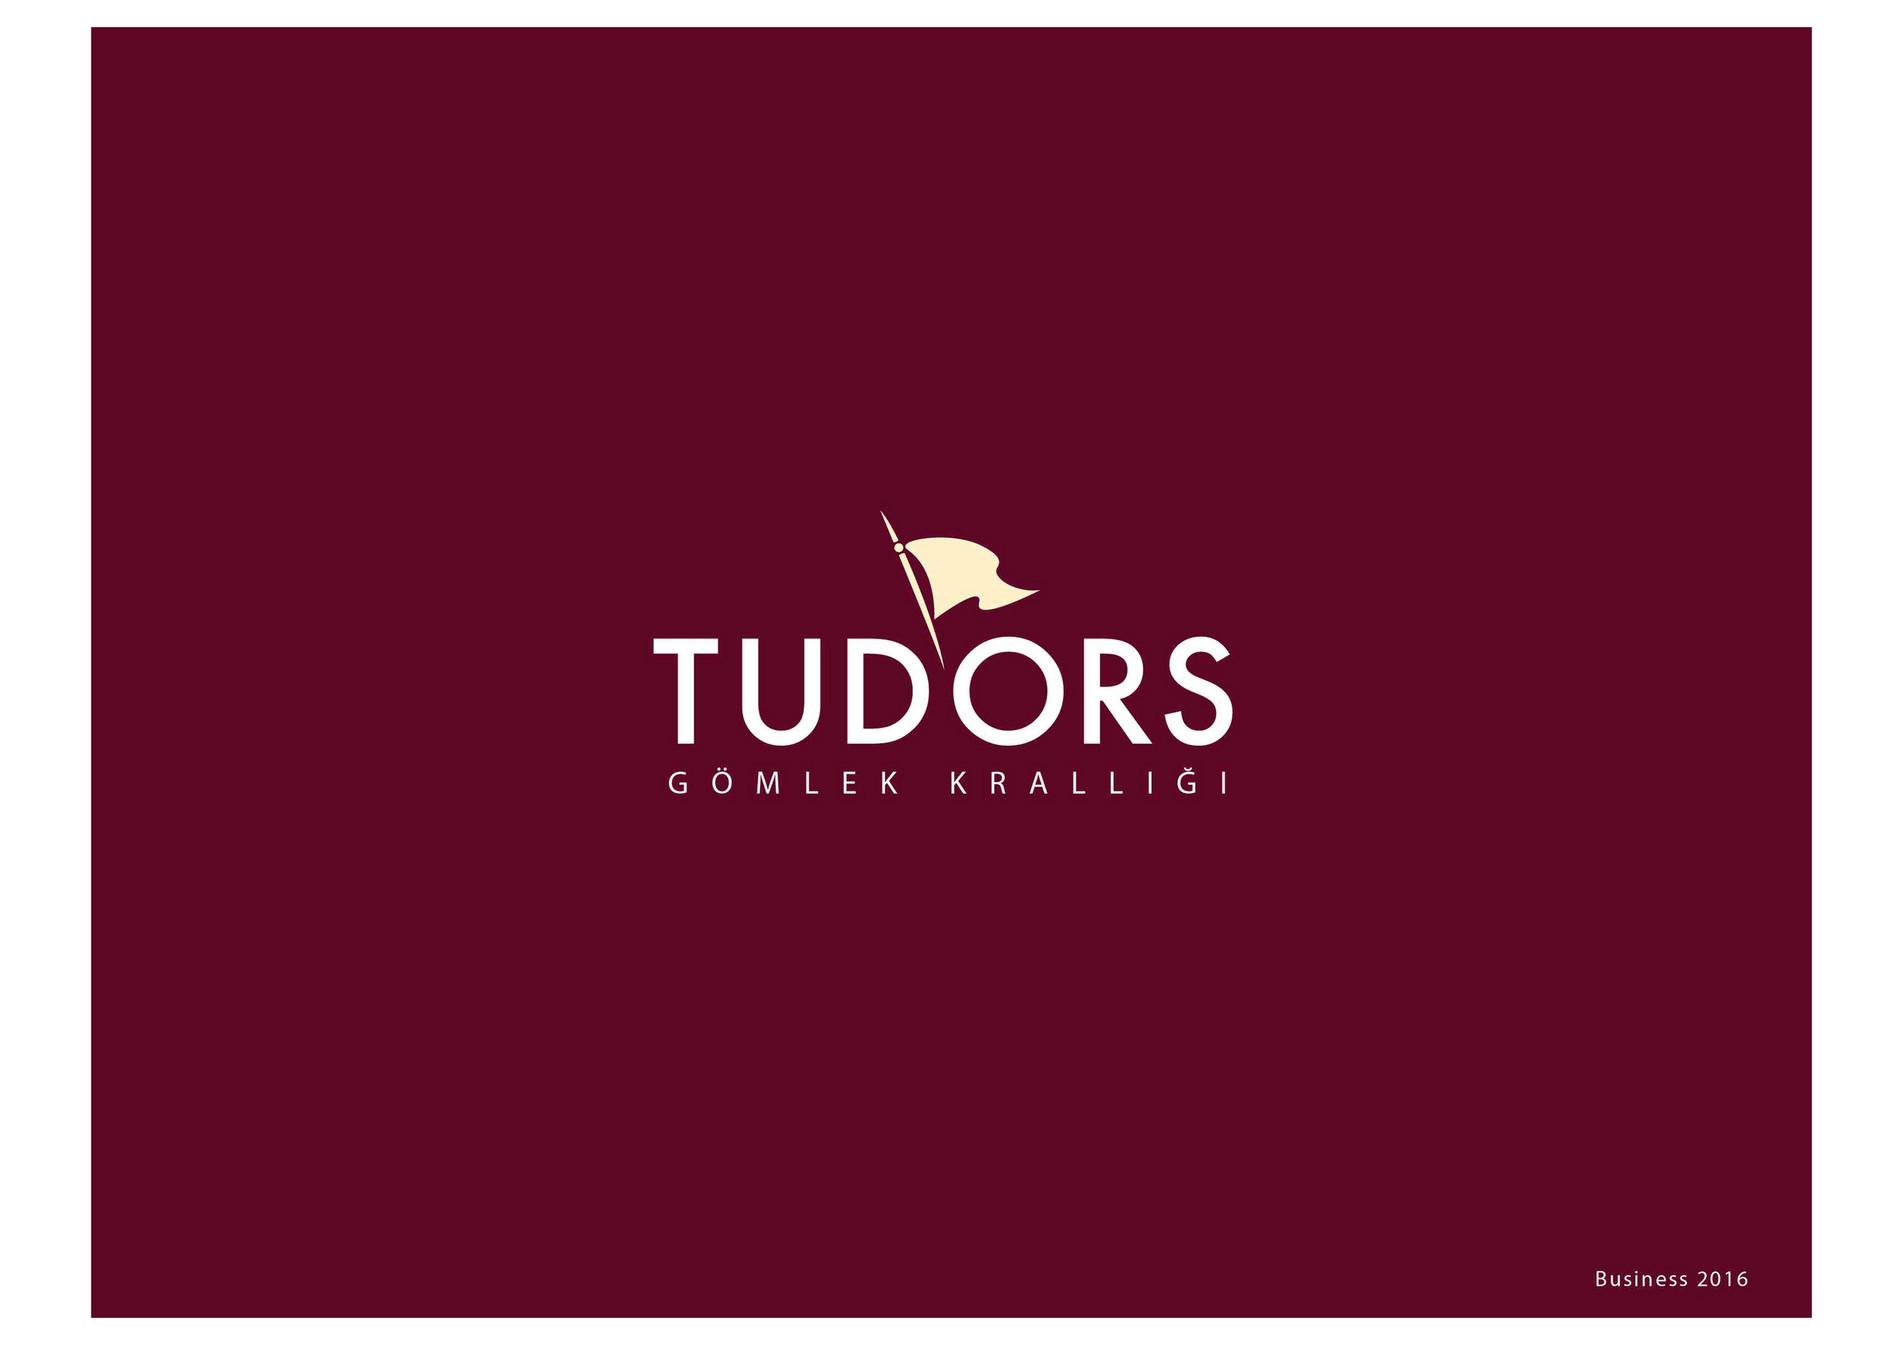 Tudors Müşteri Hizmetleri Telefon Numarası